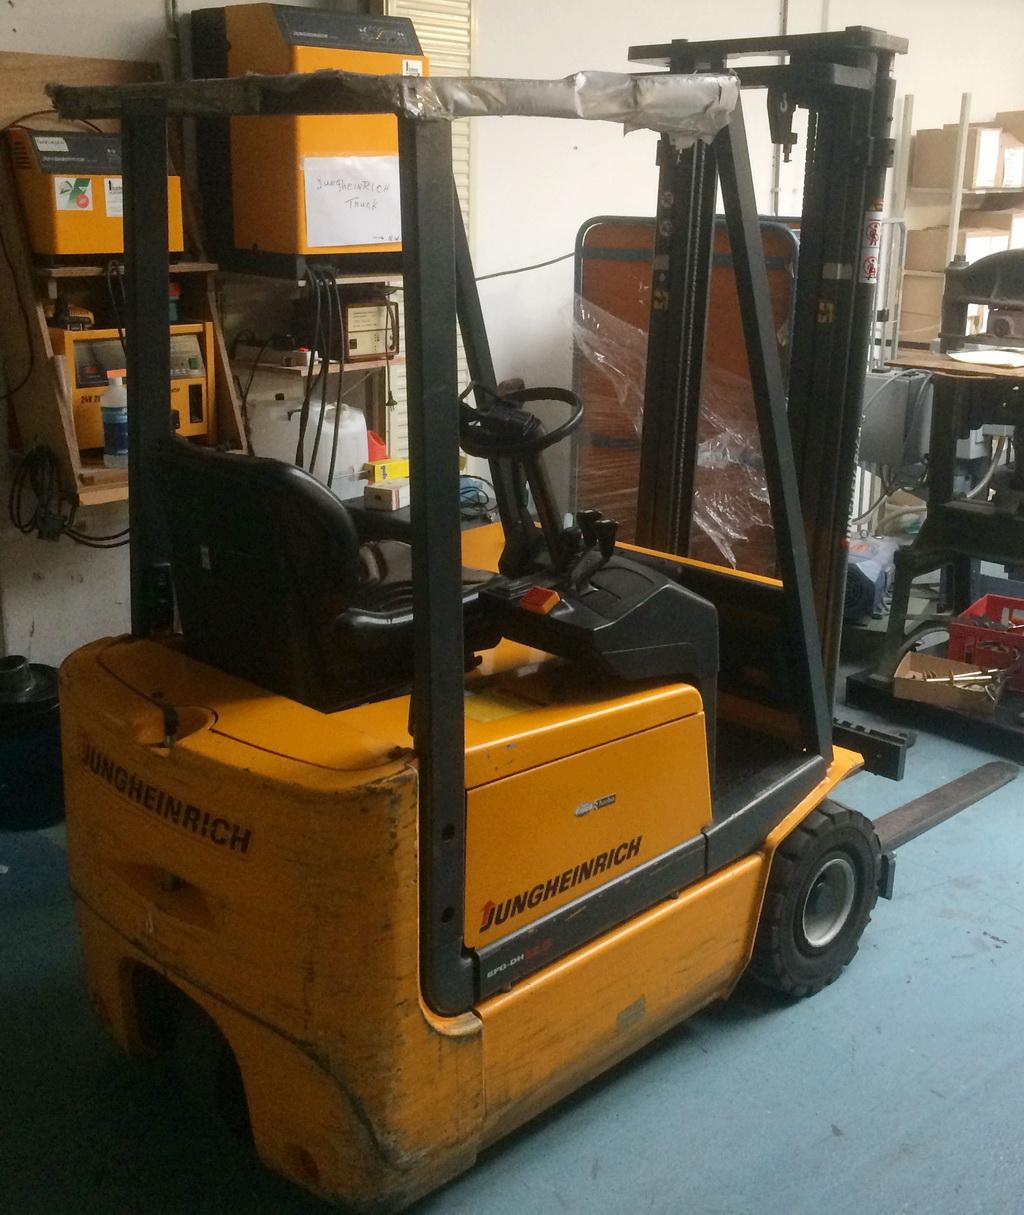 Electric Forklift Jungheinrich Erv308: 5G115-330ZT Electric Forklift